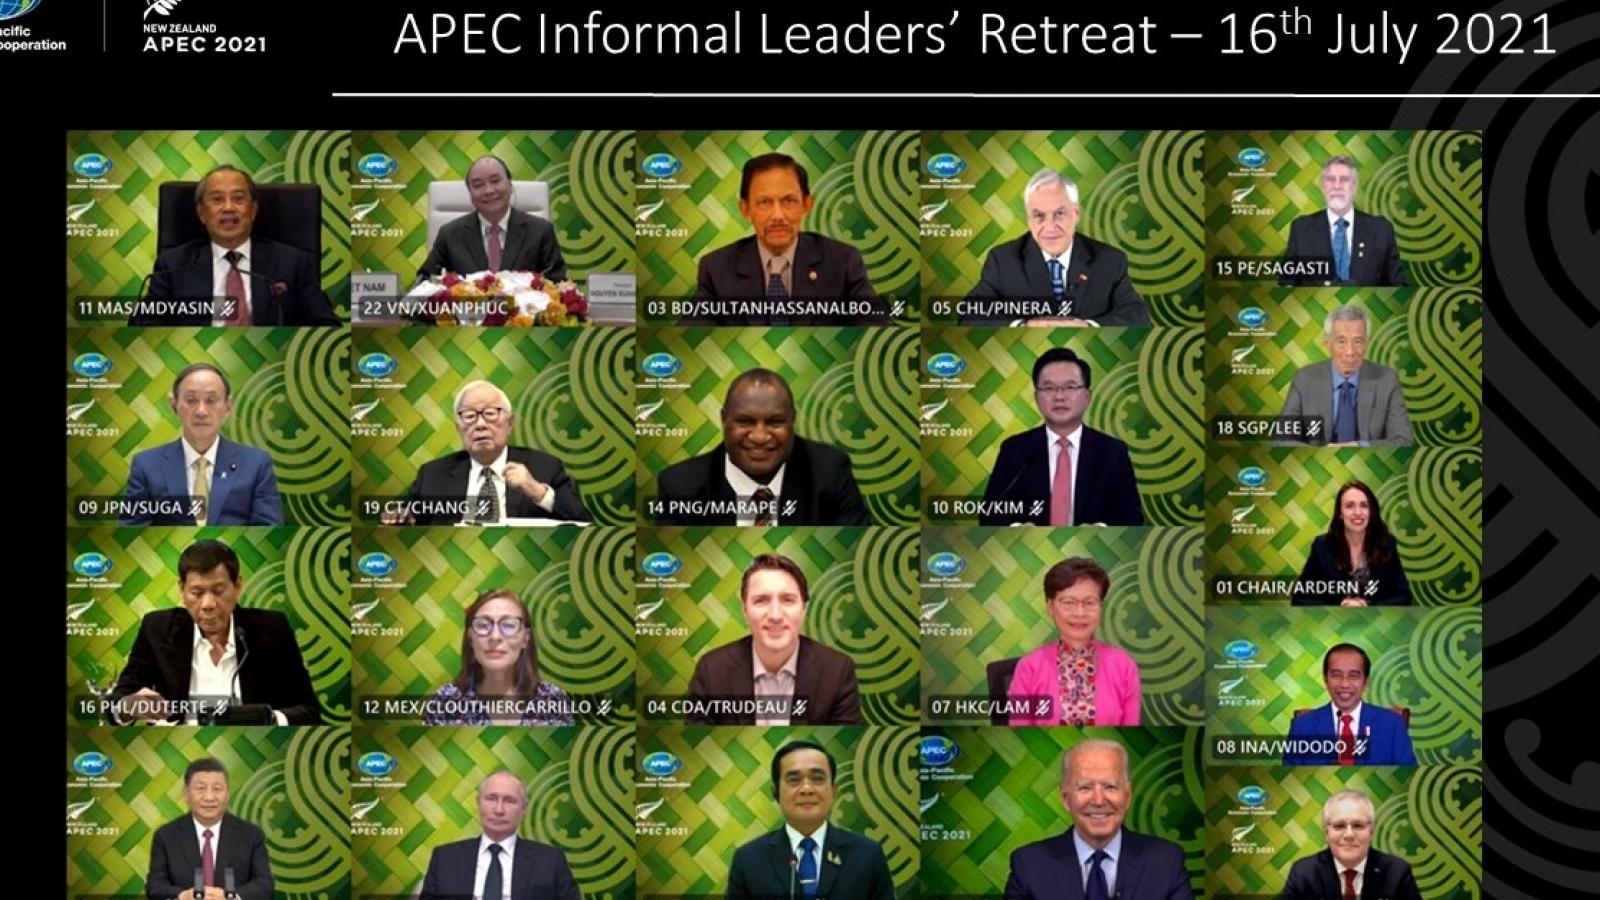 APEC cam kết vượt qua chủ nghĩa dân tộc, tăng gấp đôi nỗ lực cung ứng vaccine Covid-19